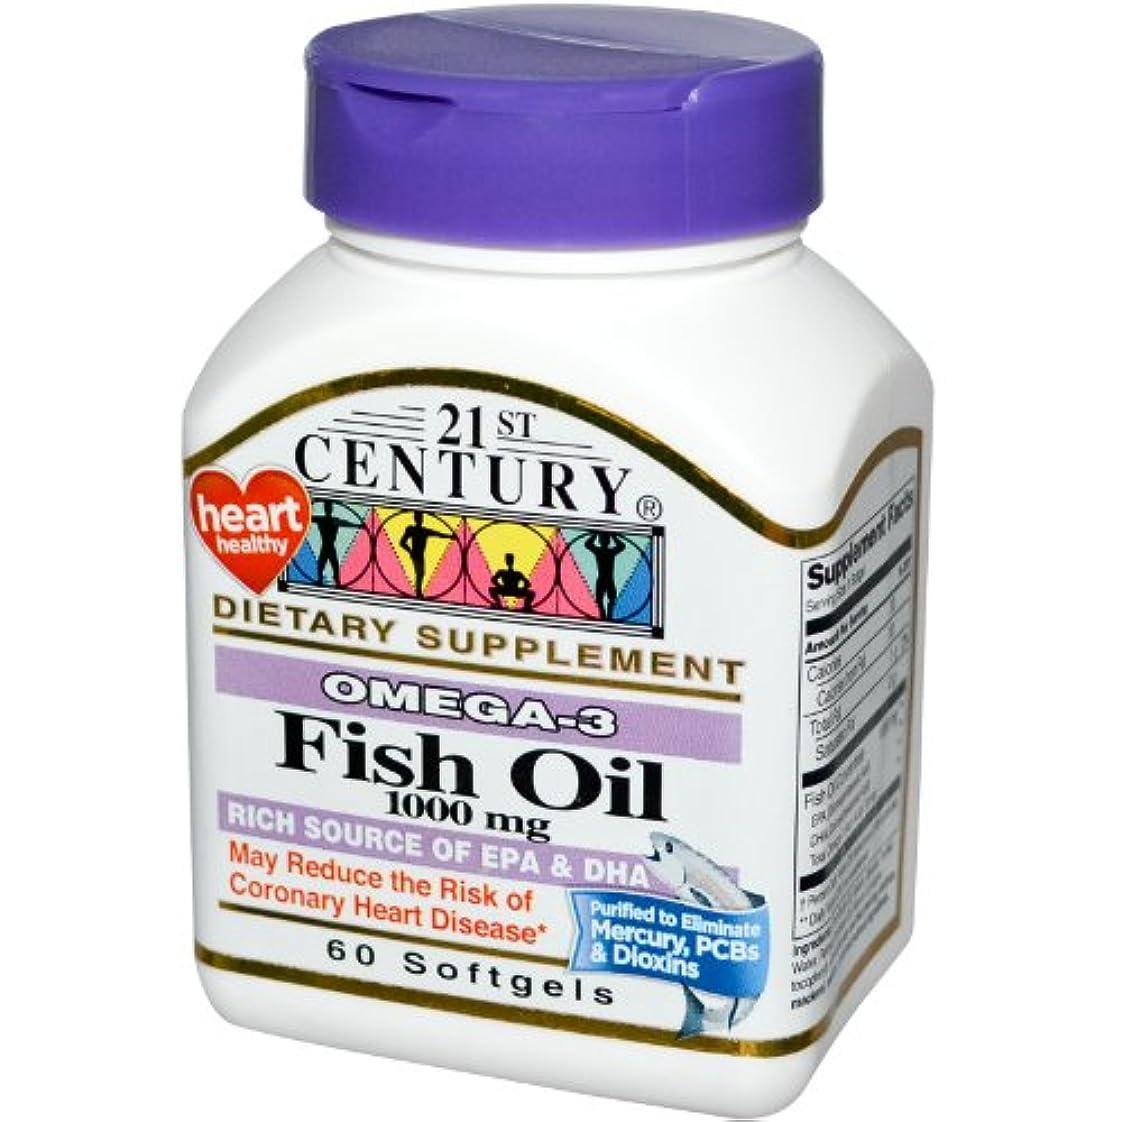 昨日陪審地下鉄21st Century Health Care, Fish Oil, 1000 mg, 60 Softgels